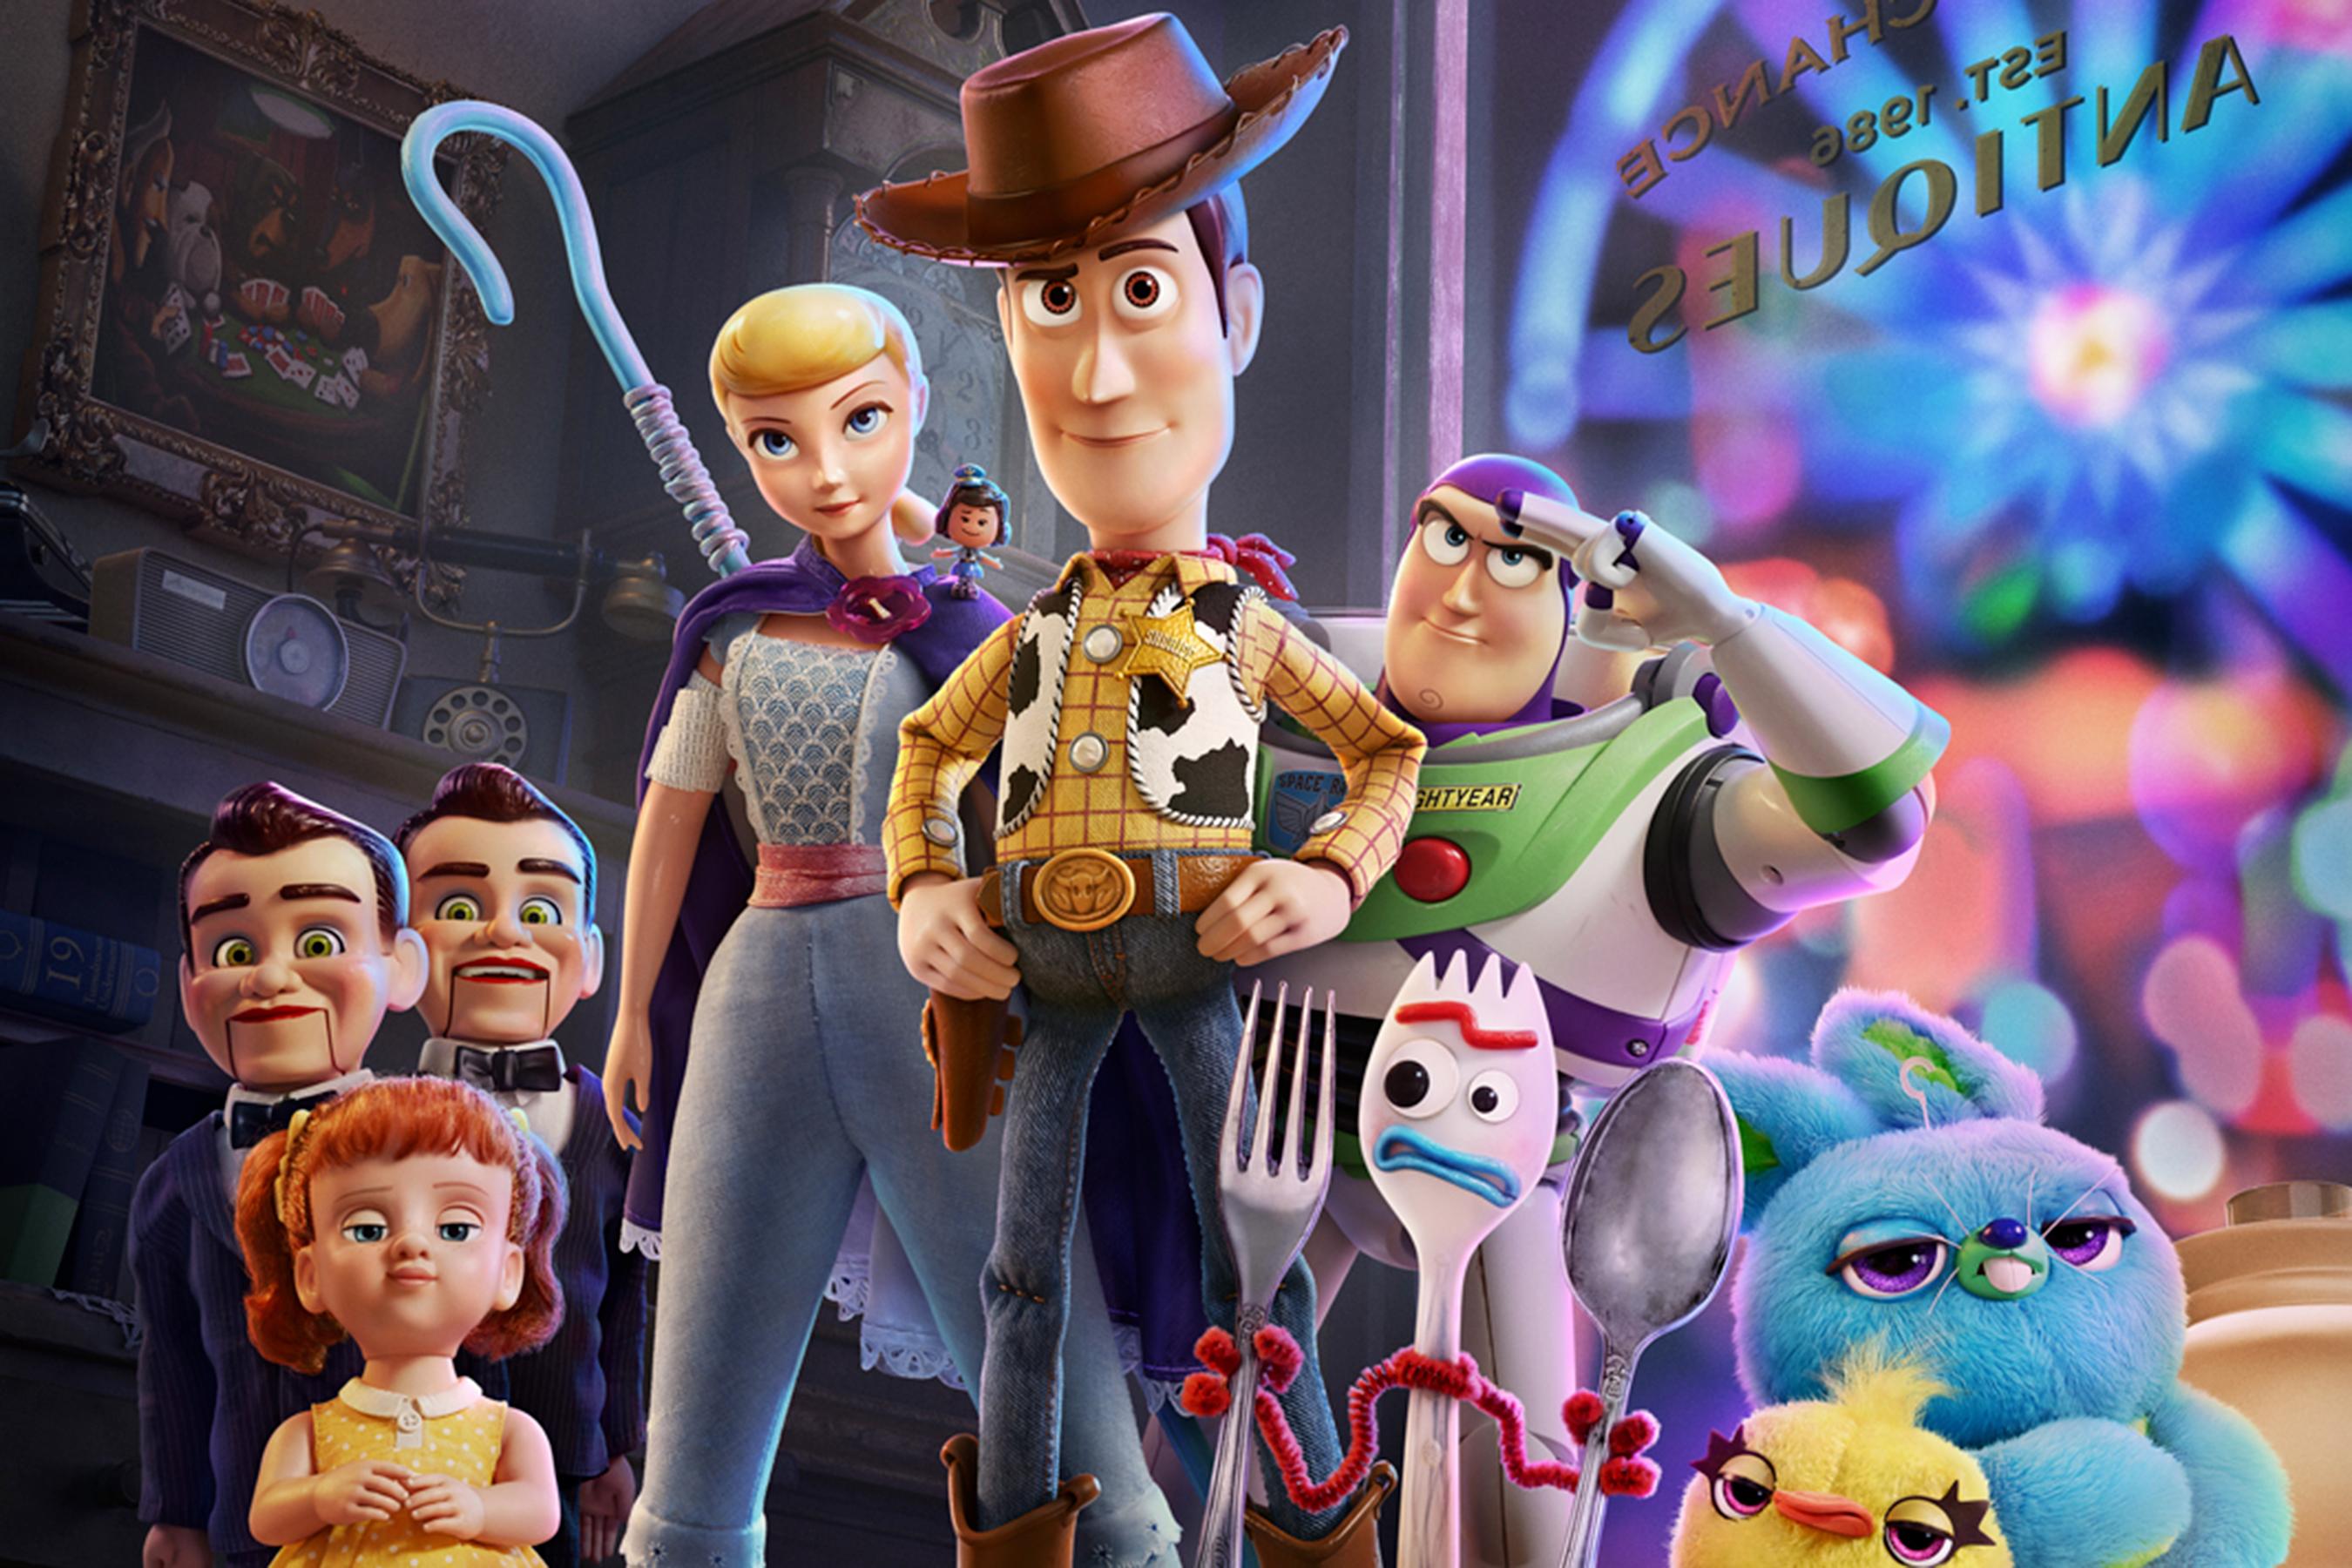 Toy Story 4: Conheça a história do novo filme da Pixar